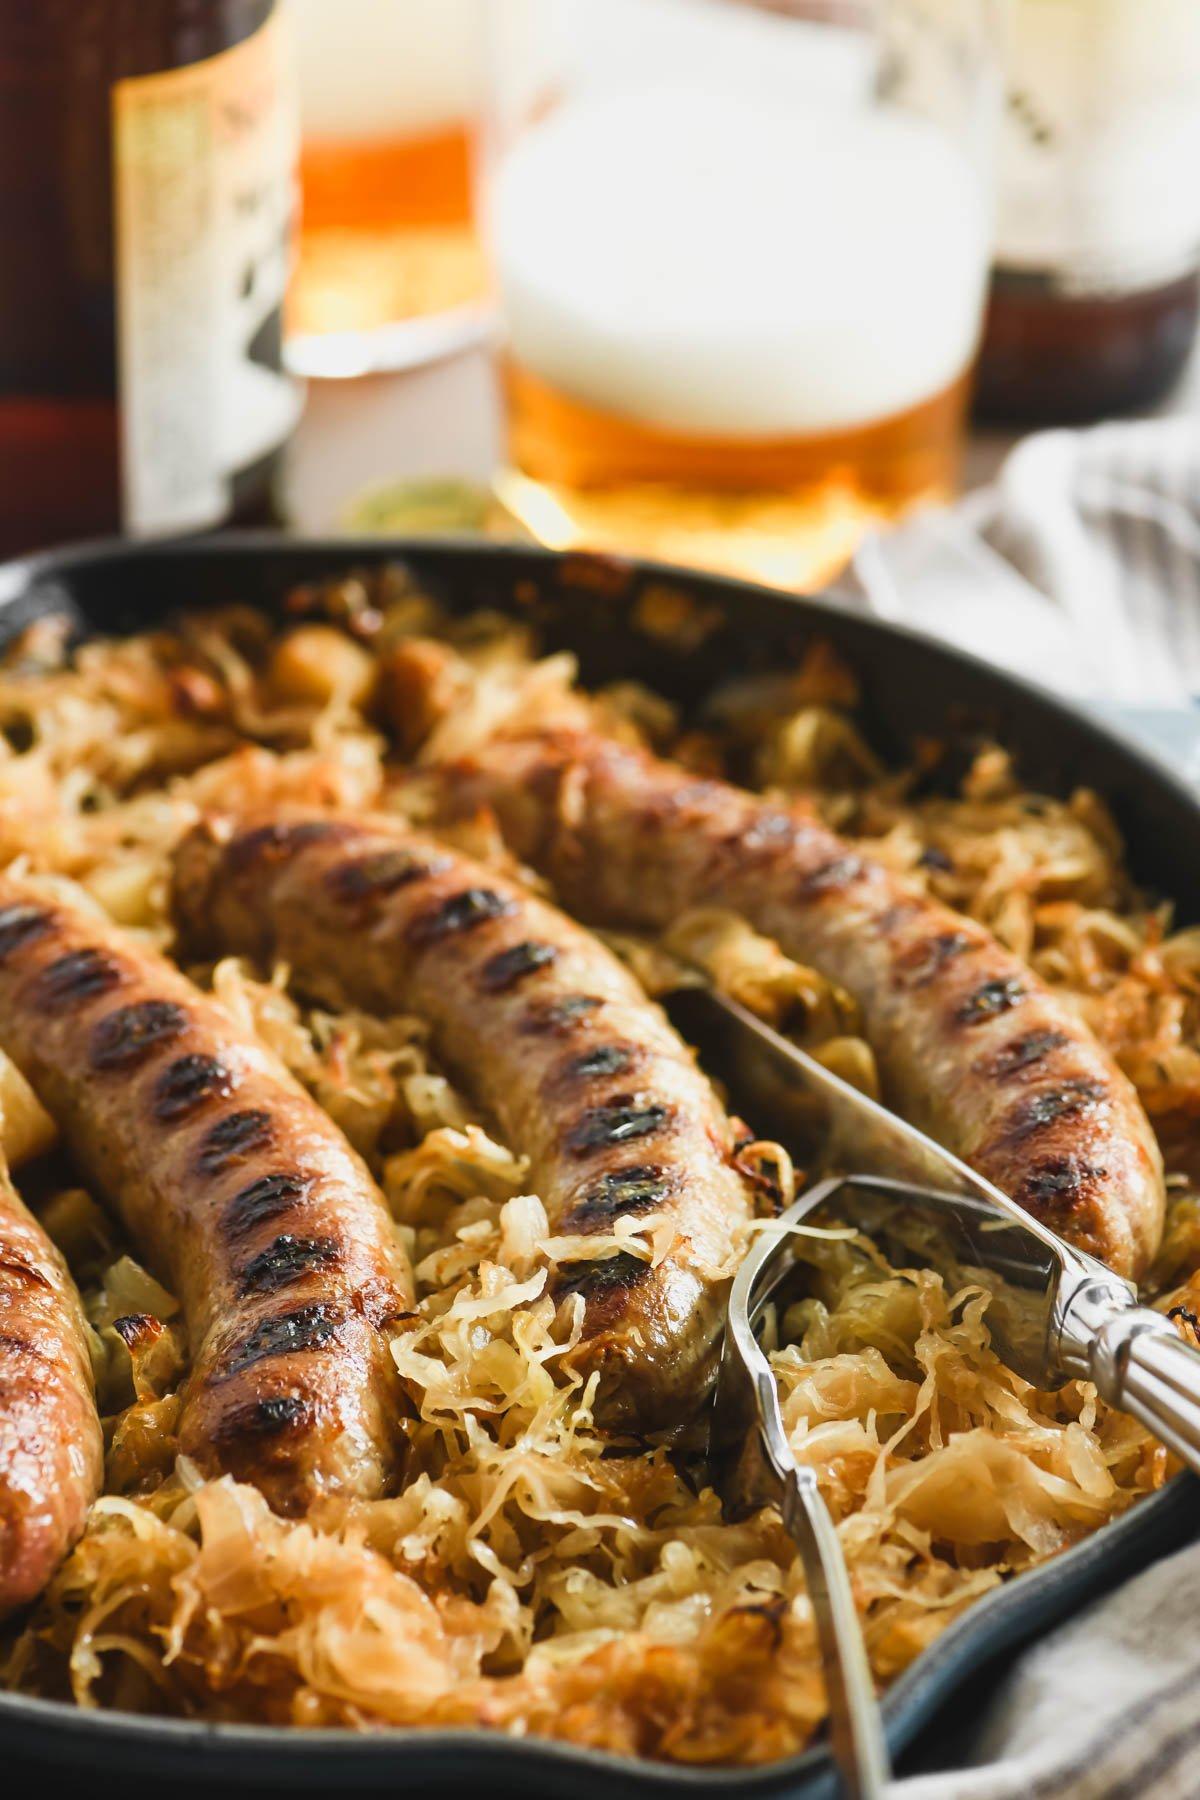 baked bratwurst sausage in sauerkraut